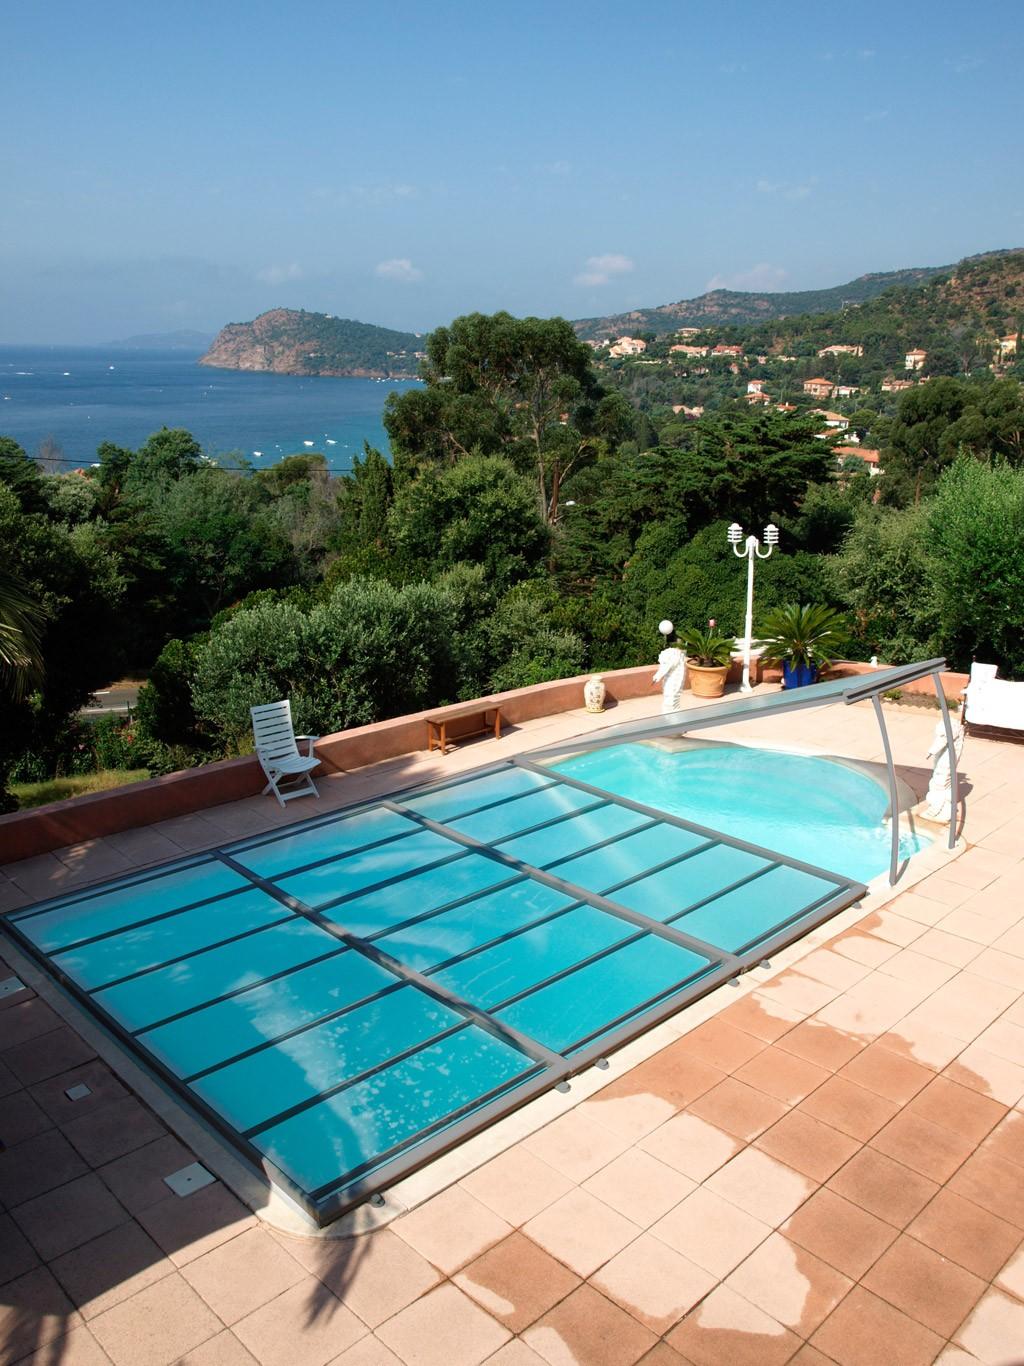 Cubierta de piscina plana amovible abrisud piscinas ferromar for Piscinas ferromar